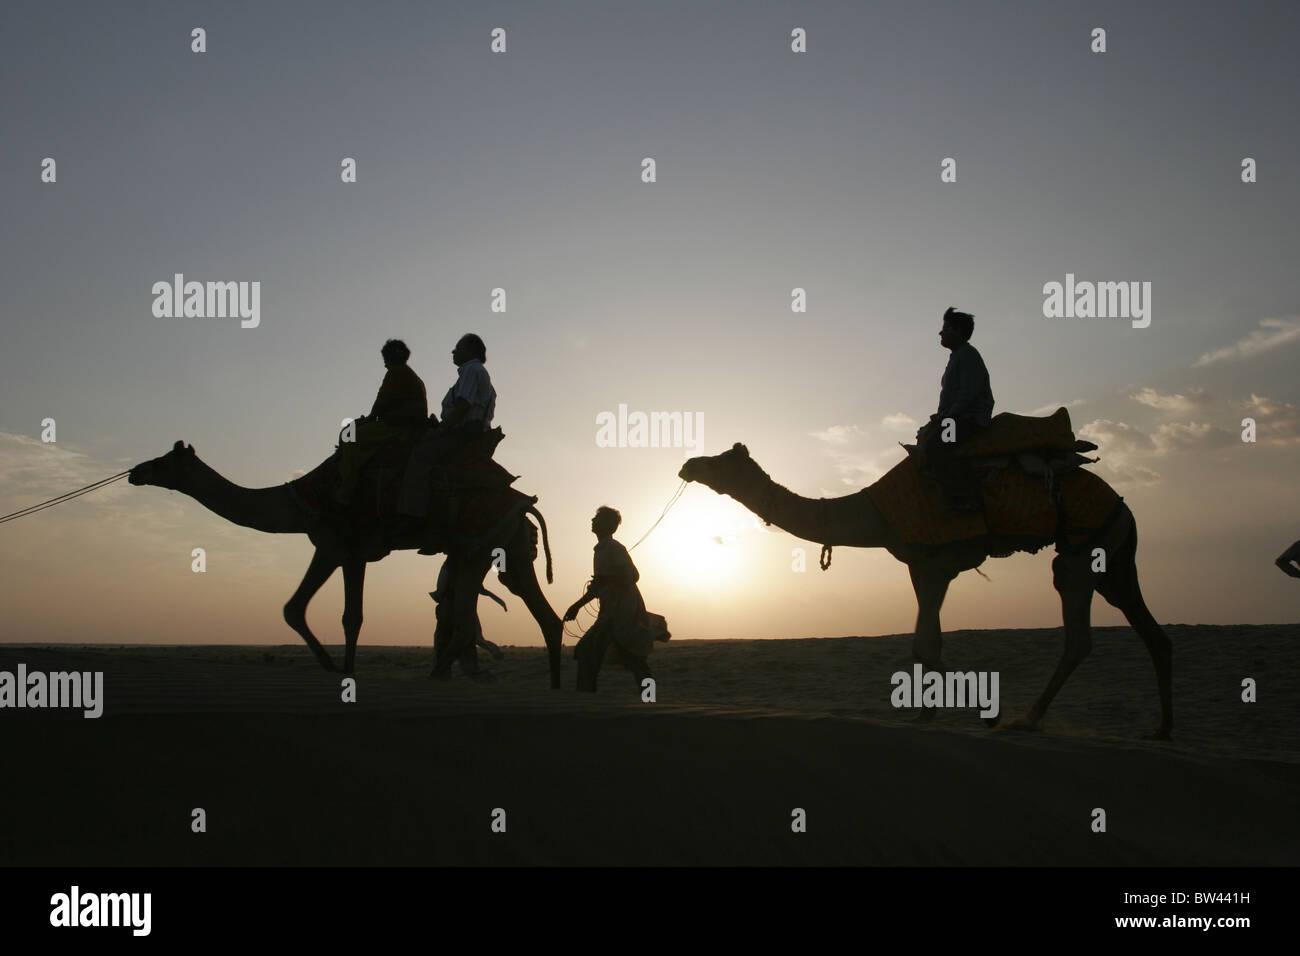 Los turistas disfrutan de un paseo en camello en Sam, Jaisalmer, Rajasthan, India. Imagen De Stock